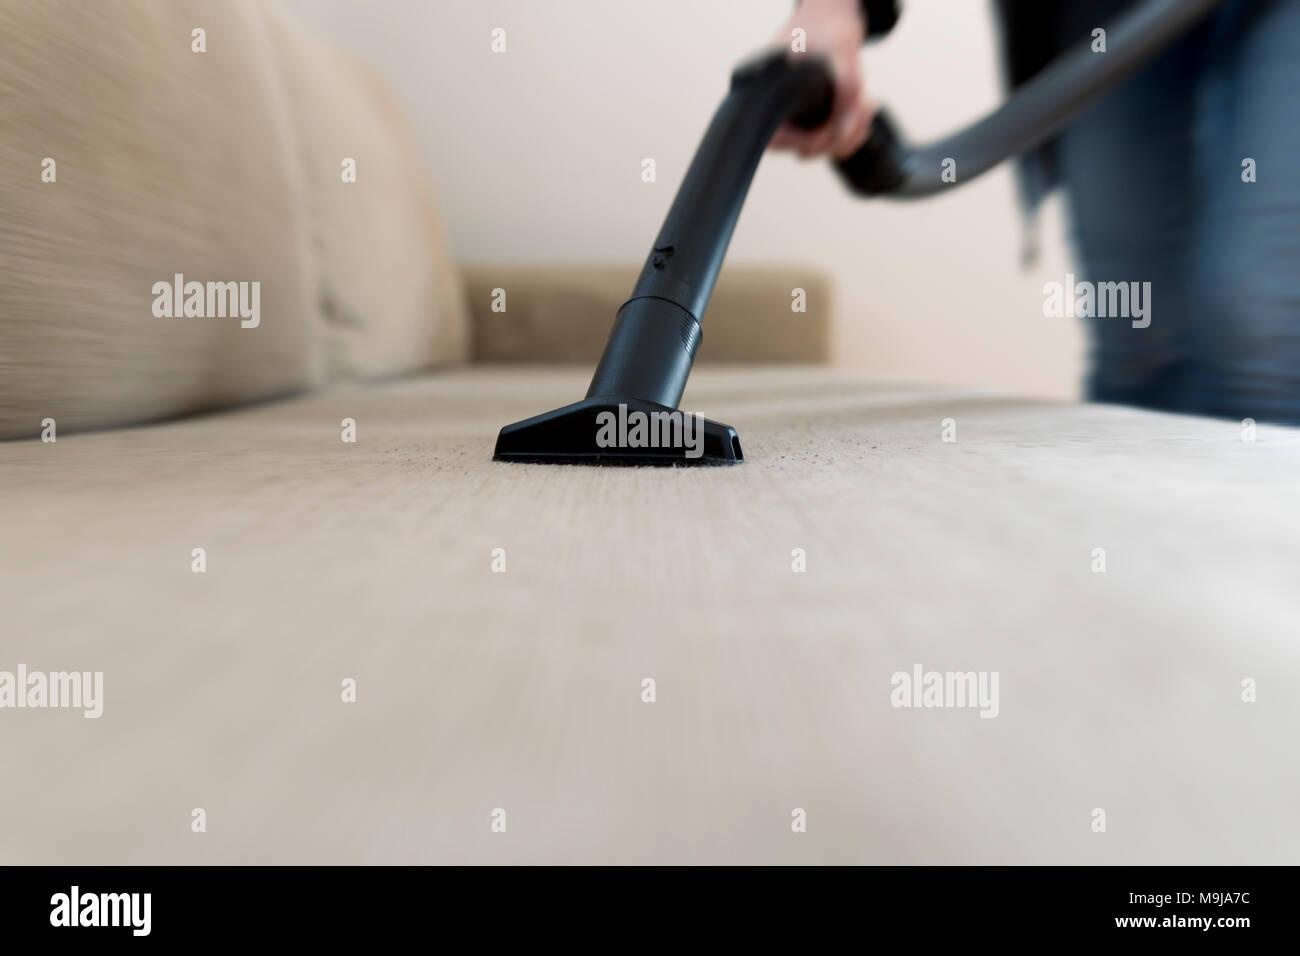 Frau Reinigung das Sofa, Couch mit Staubsauger Stockbild